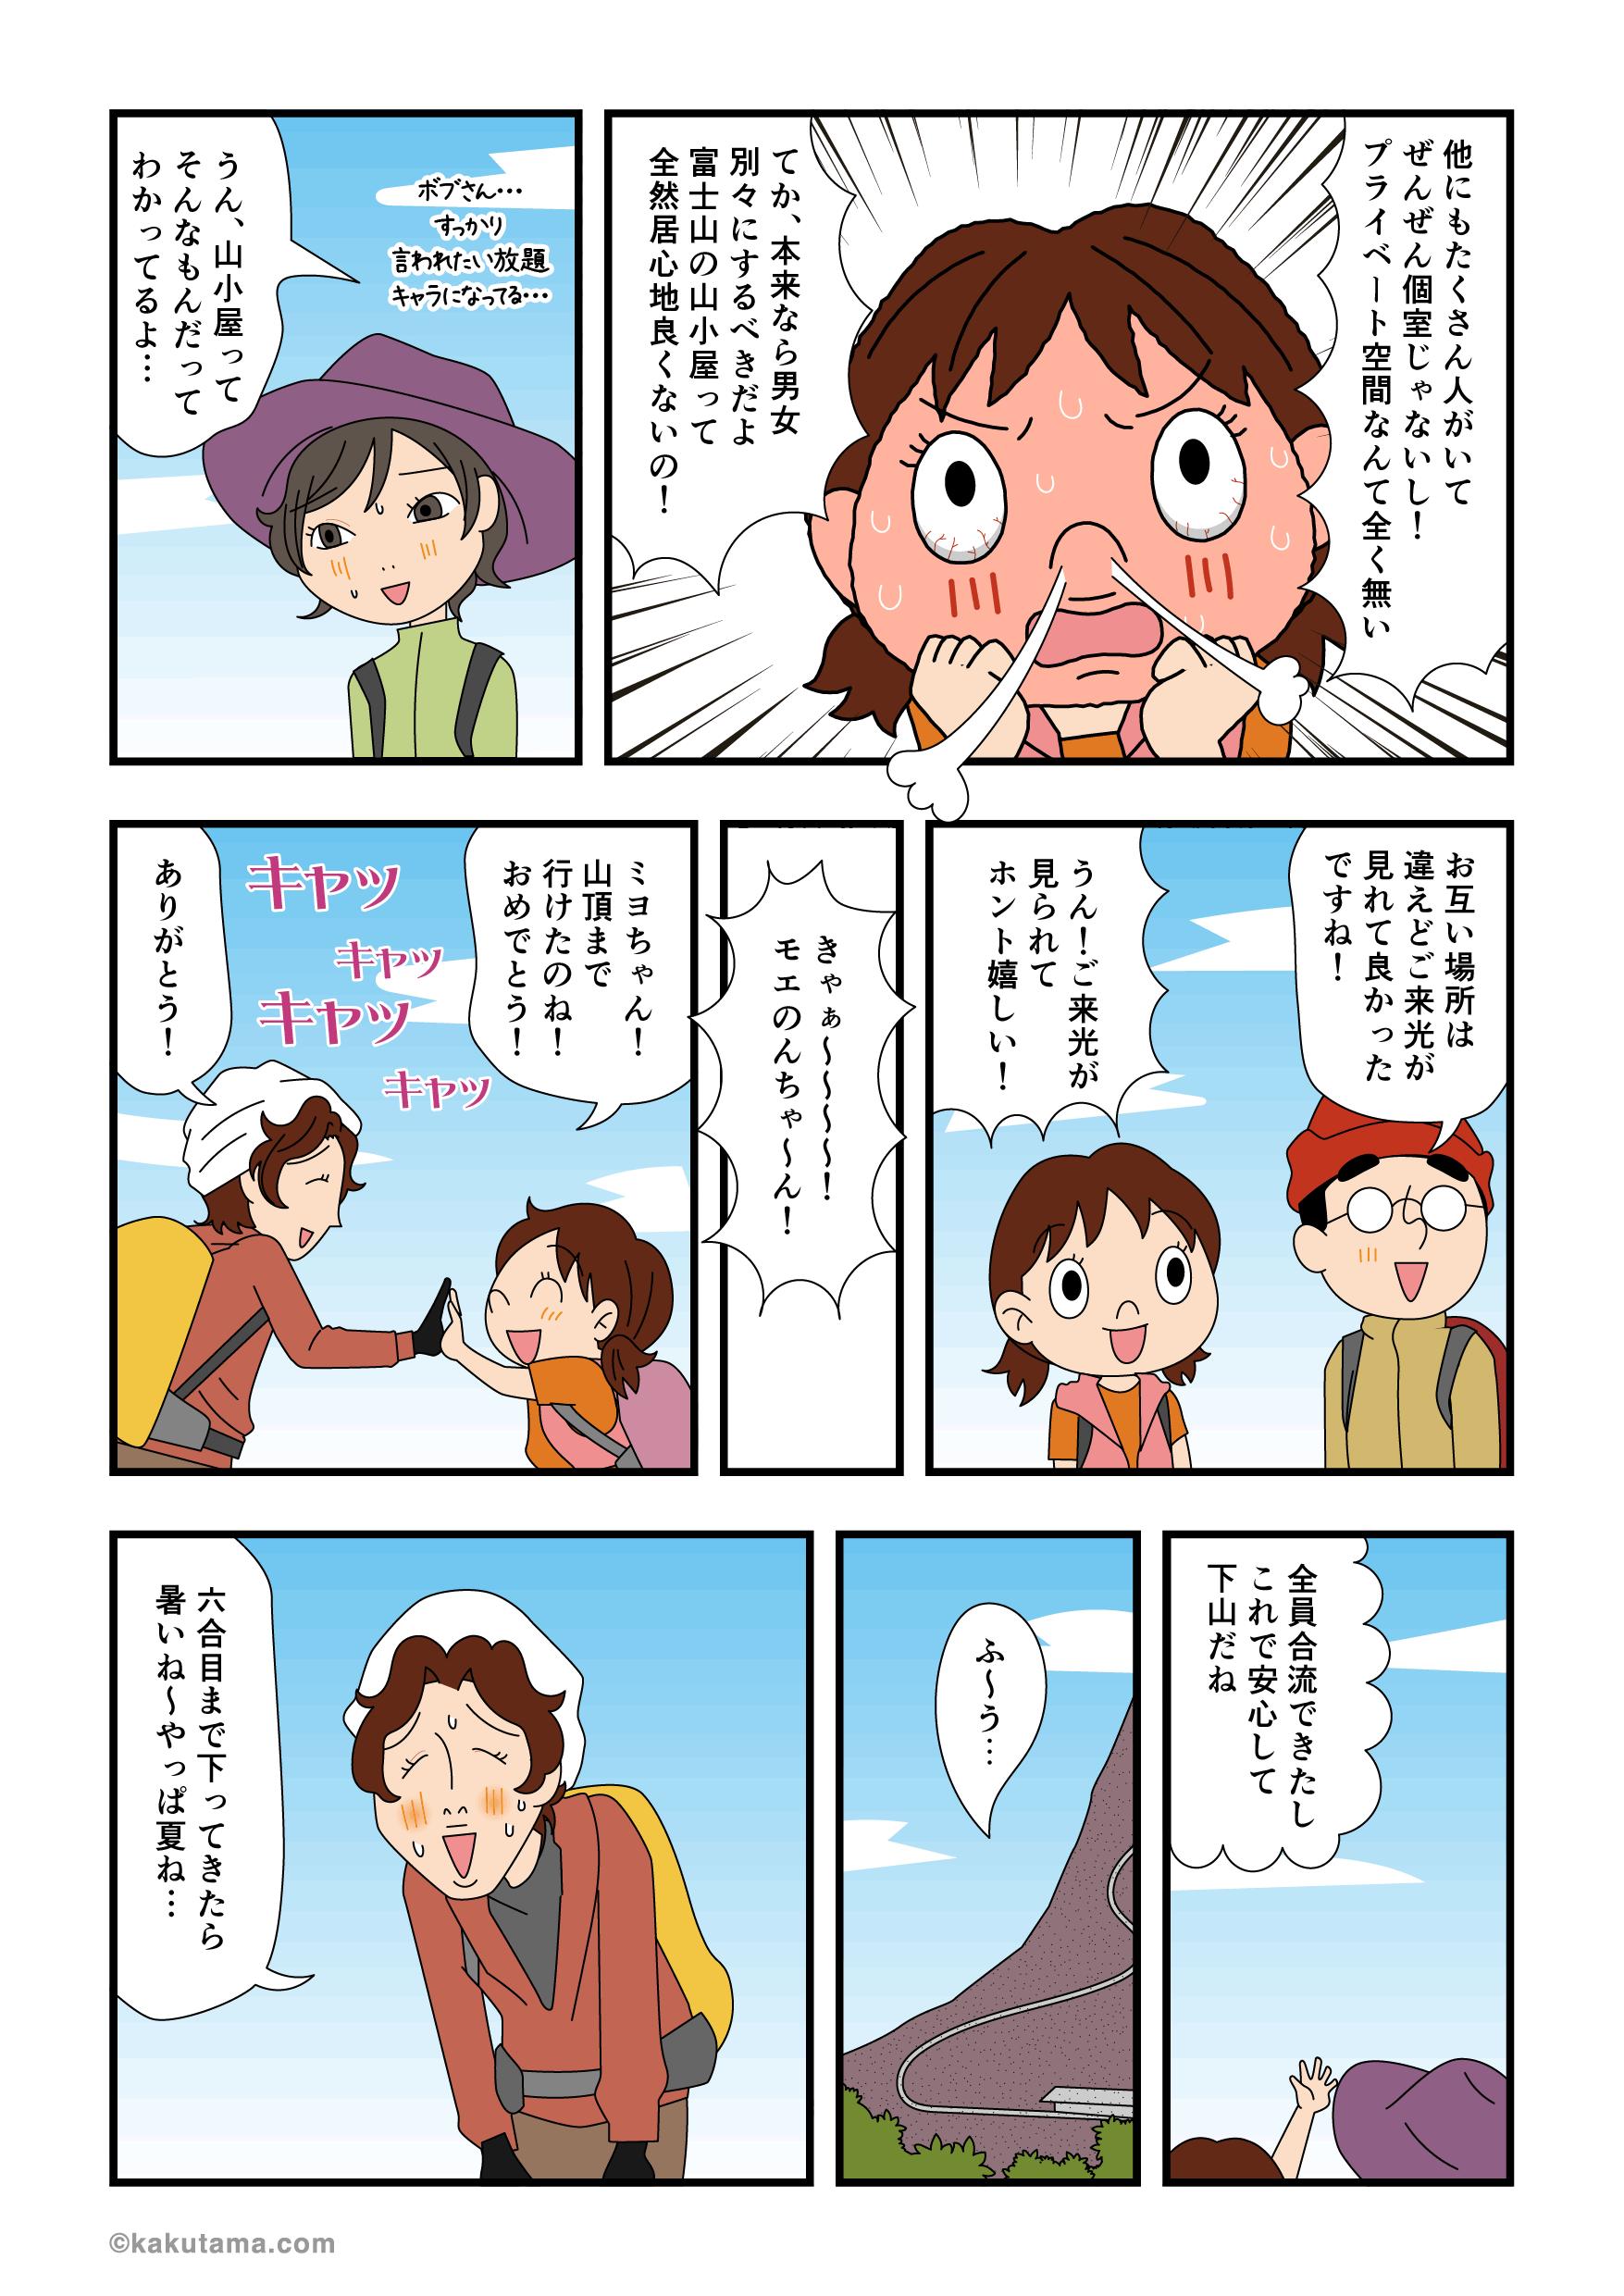 富士山から昼に下山すると暑い漫画